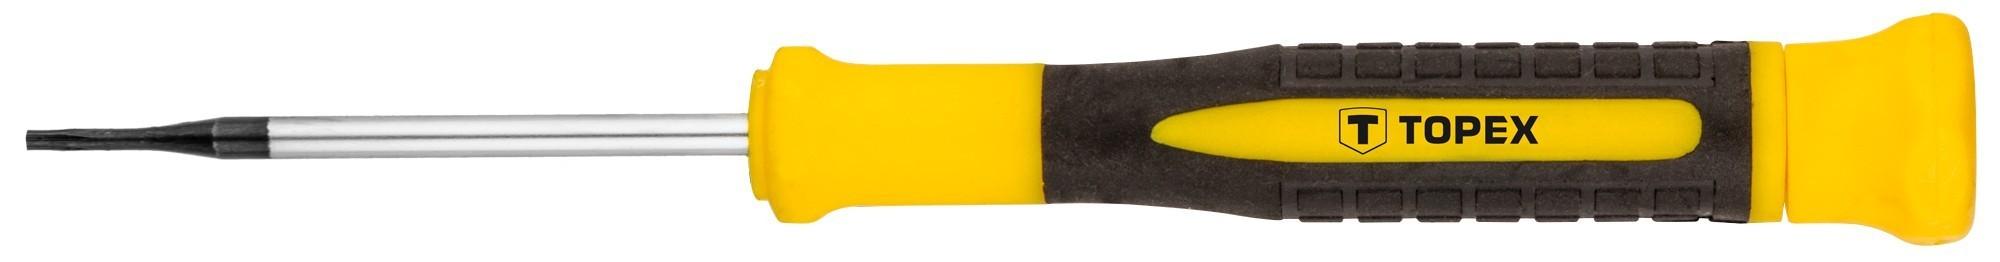 Mûszerész csavarhúzó T6 x 135 mm | TOPEX 39D776